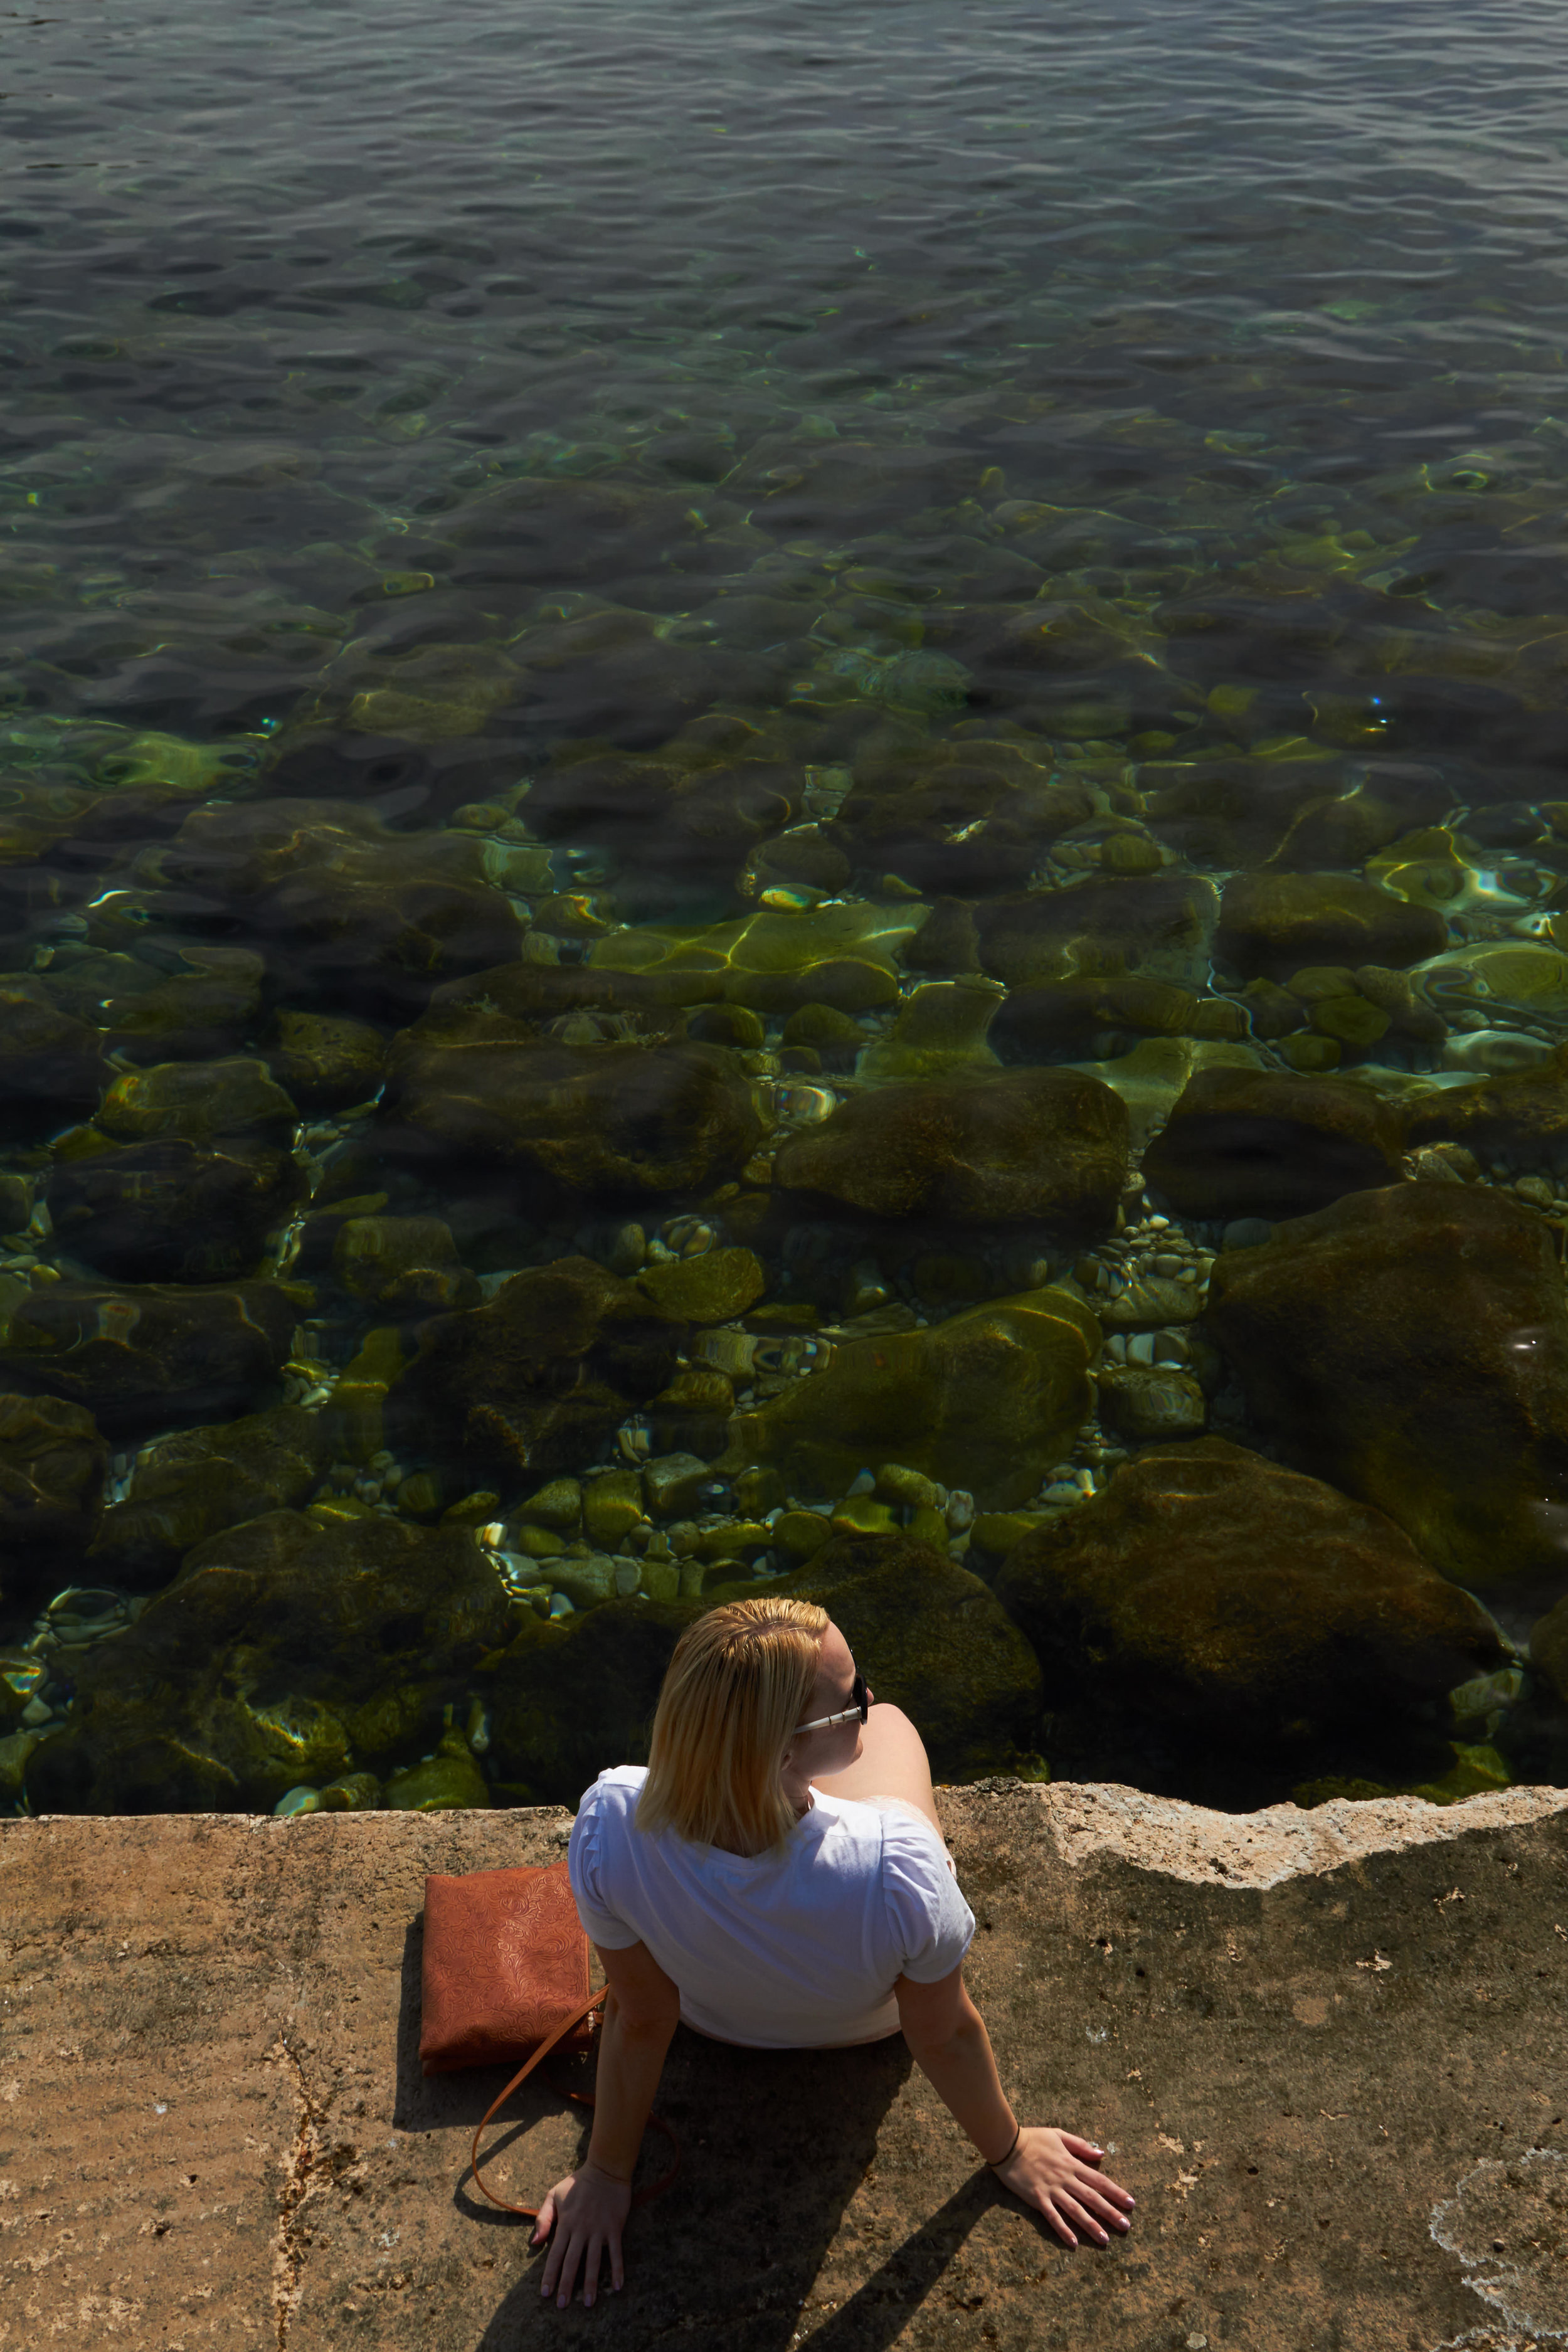 4_25-09-17_Dubrovnik_0078_PROCESSED.jpg